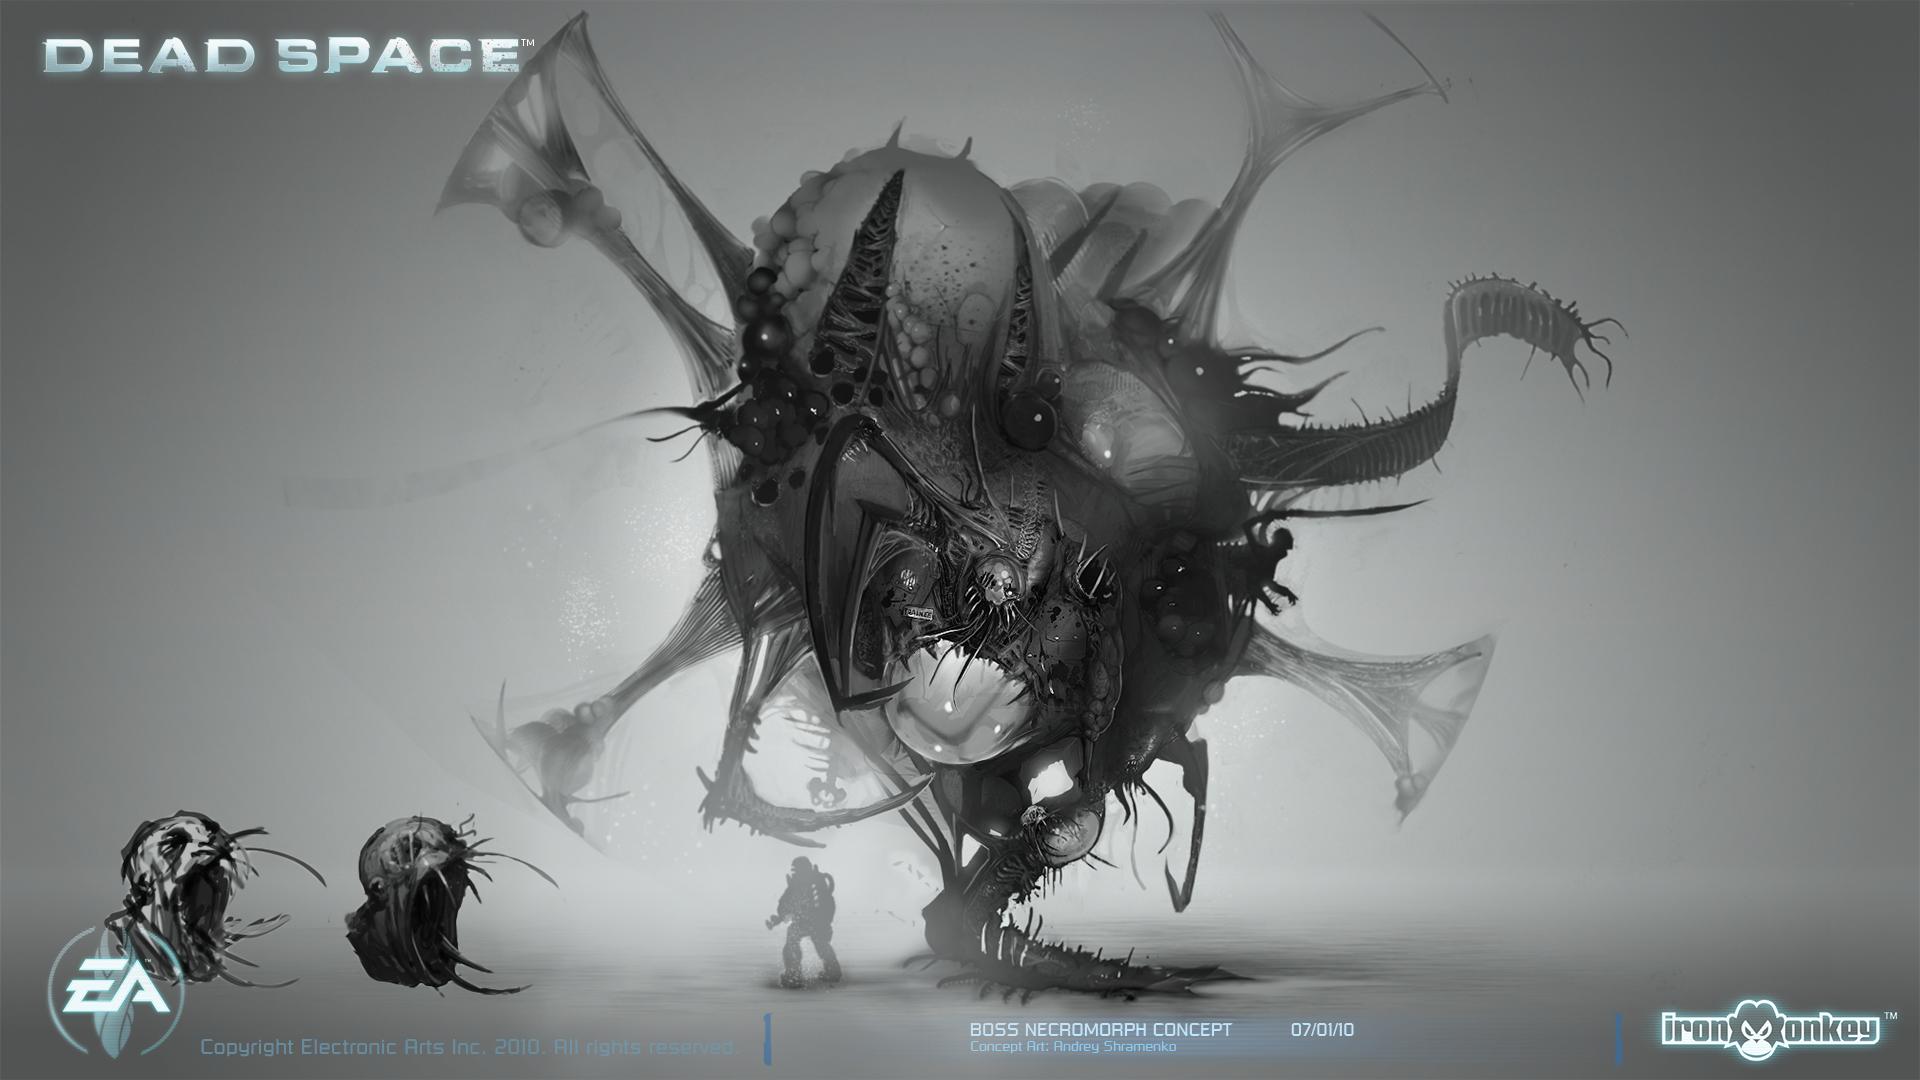 Кто-нибудь хочет смерти серии Dead Space?   После E3 бытует мнение о медленной, но неизбежной кончине Айзека Кларка  ... - Изображение 1